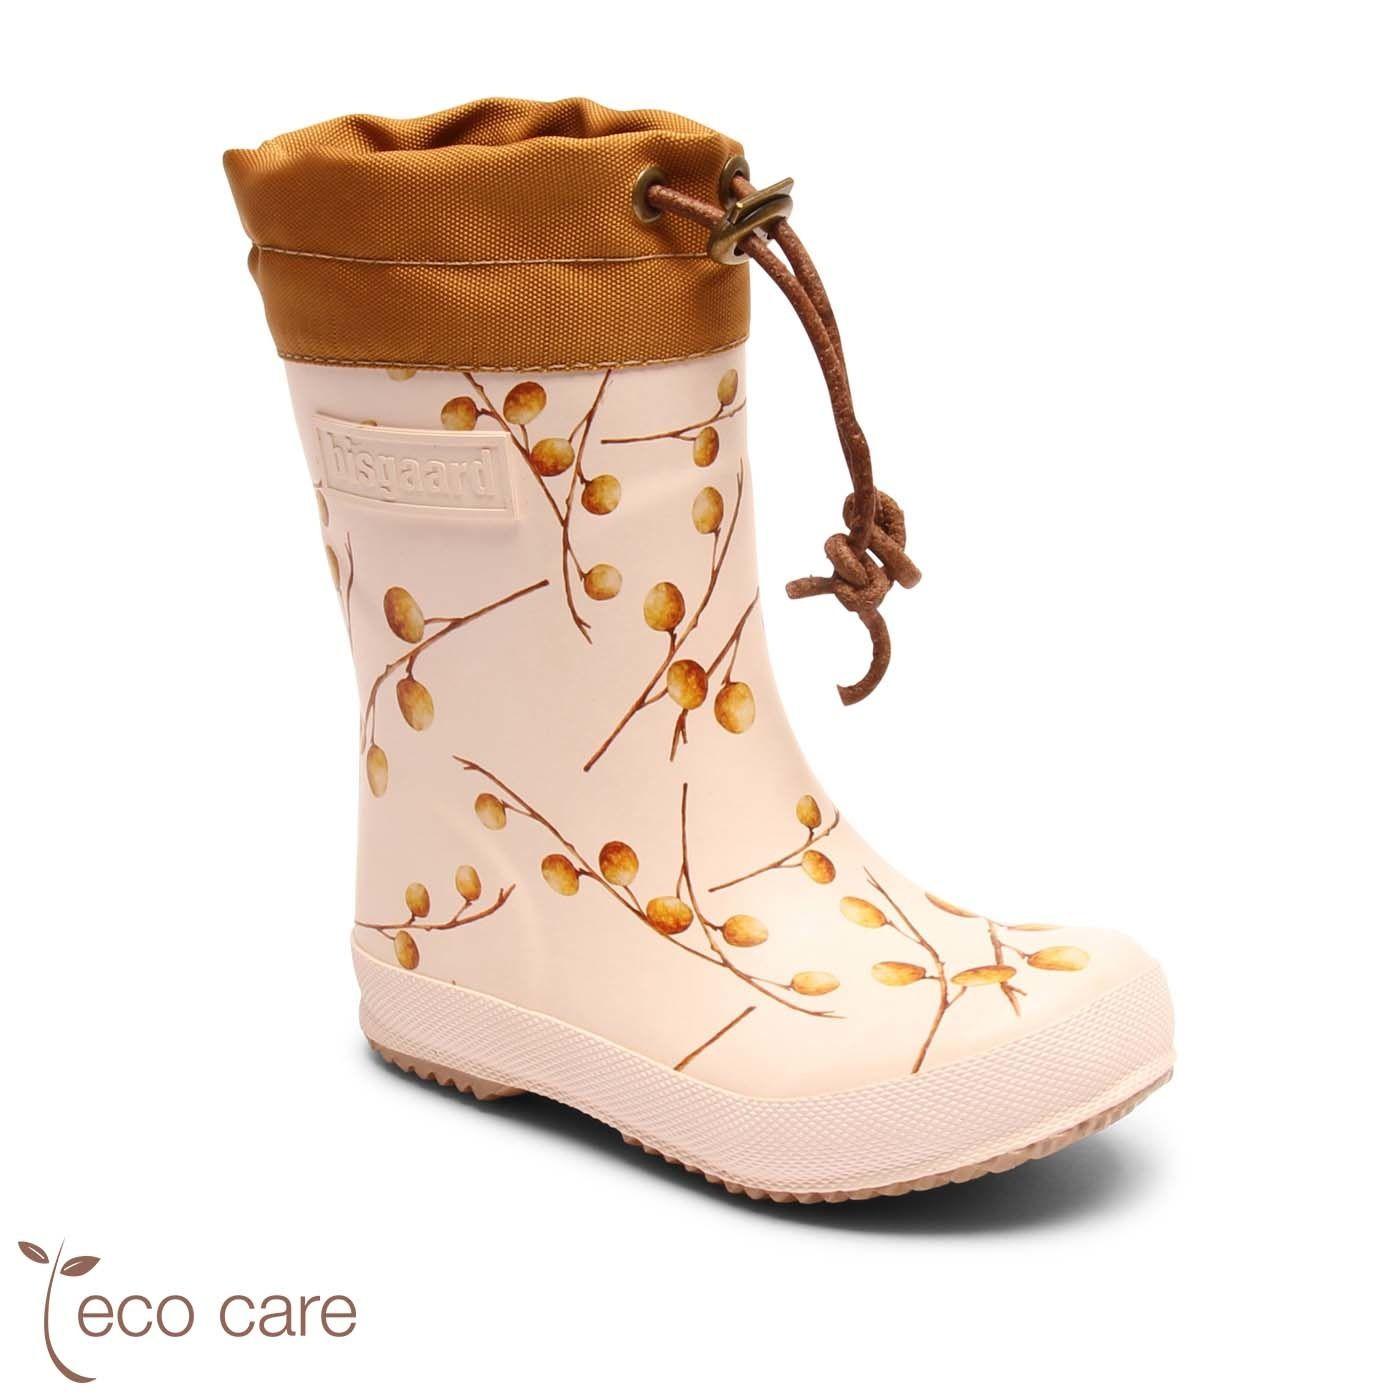 Schoenen 2020: Bisgaard schoenen en regenlaarzen voor kinderen